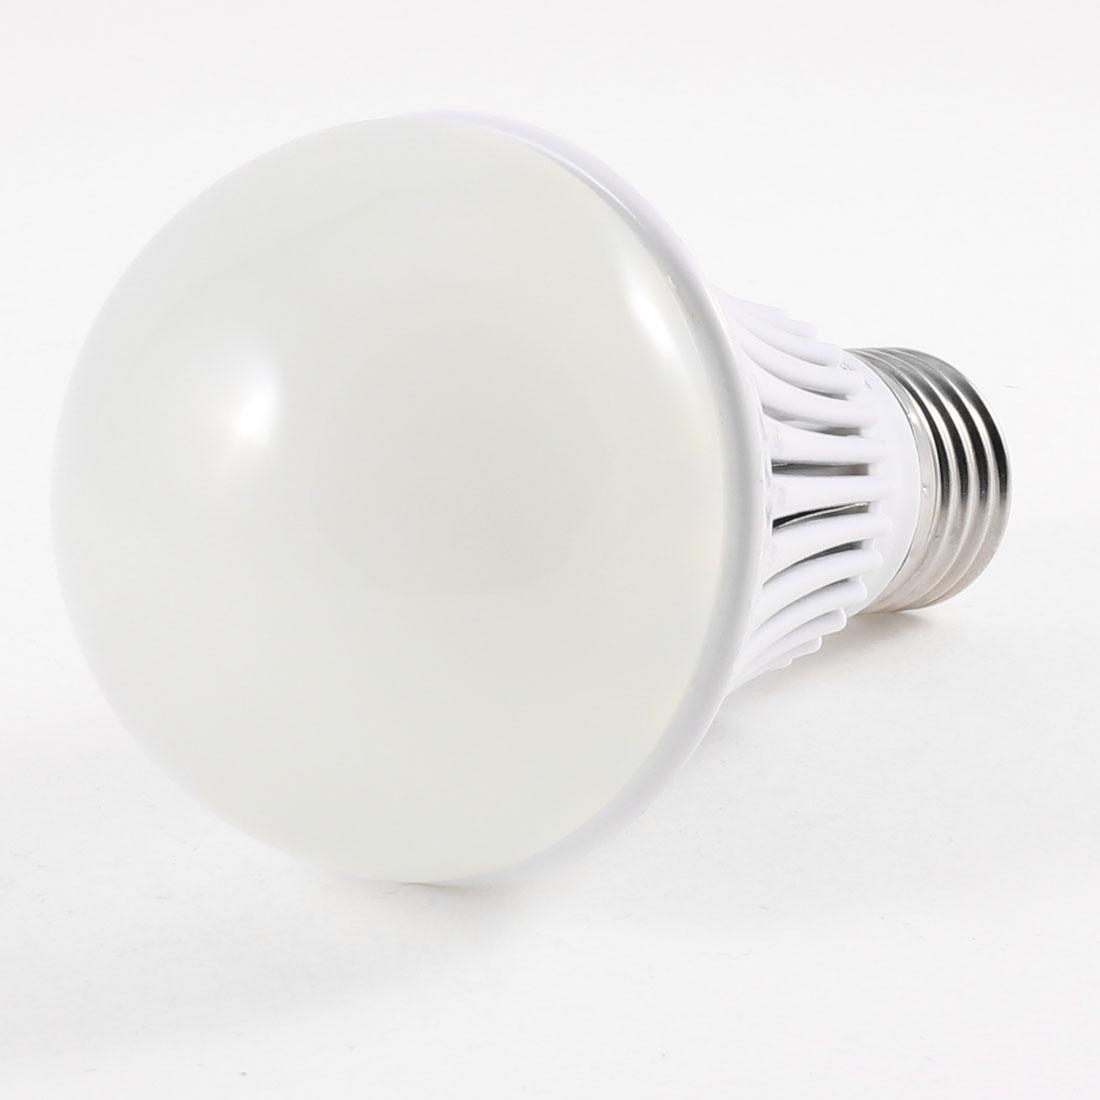 Bedroom E27 Screw Base 6500K White LED Light Ball Bulb 5W AC 220V